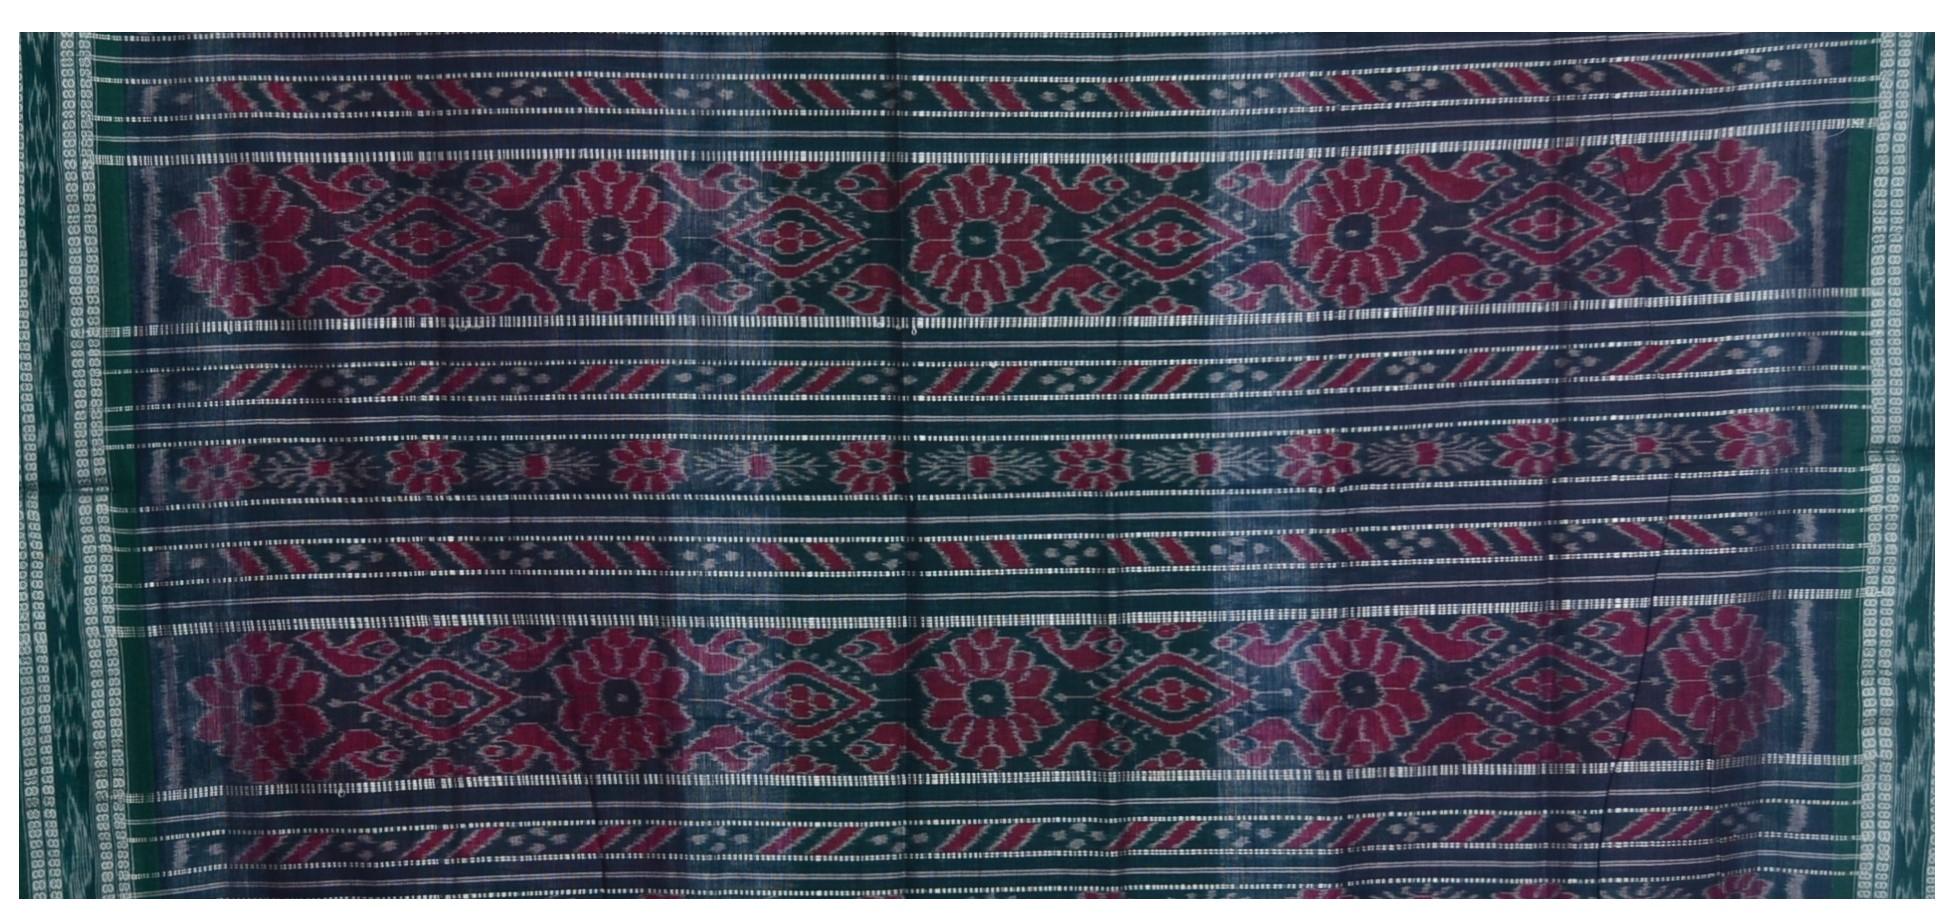 Orissa Handloom Sambalpuri Cotton Full Ikat Pasapalli Design Saree Purple Green : Picture